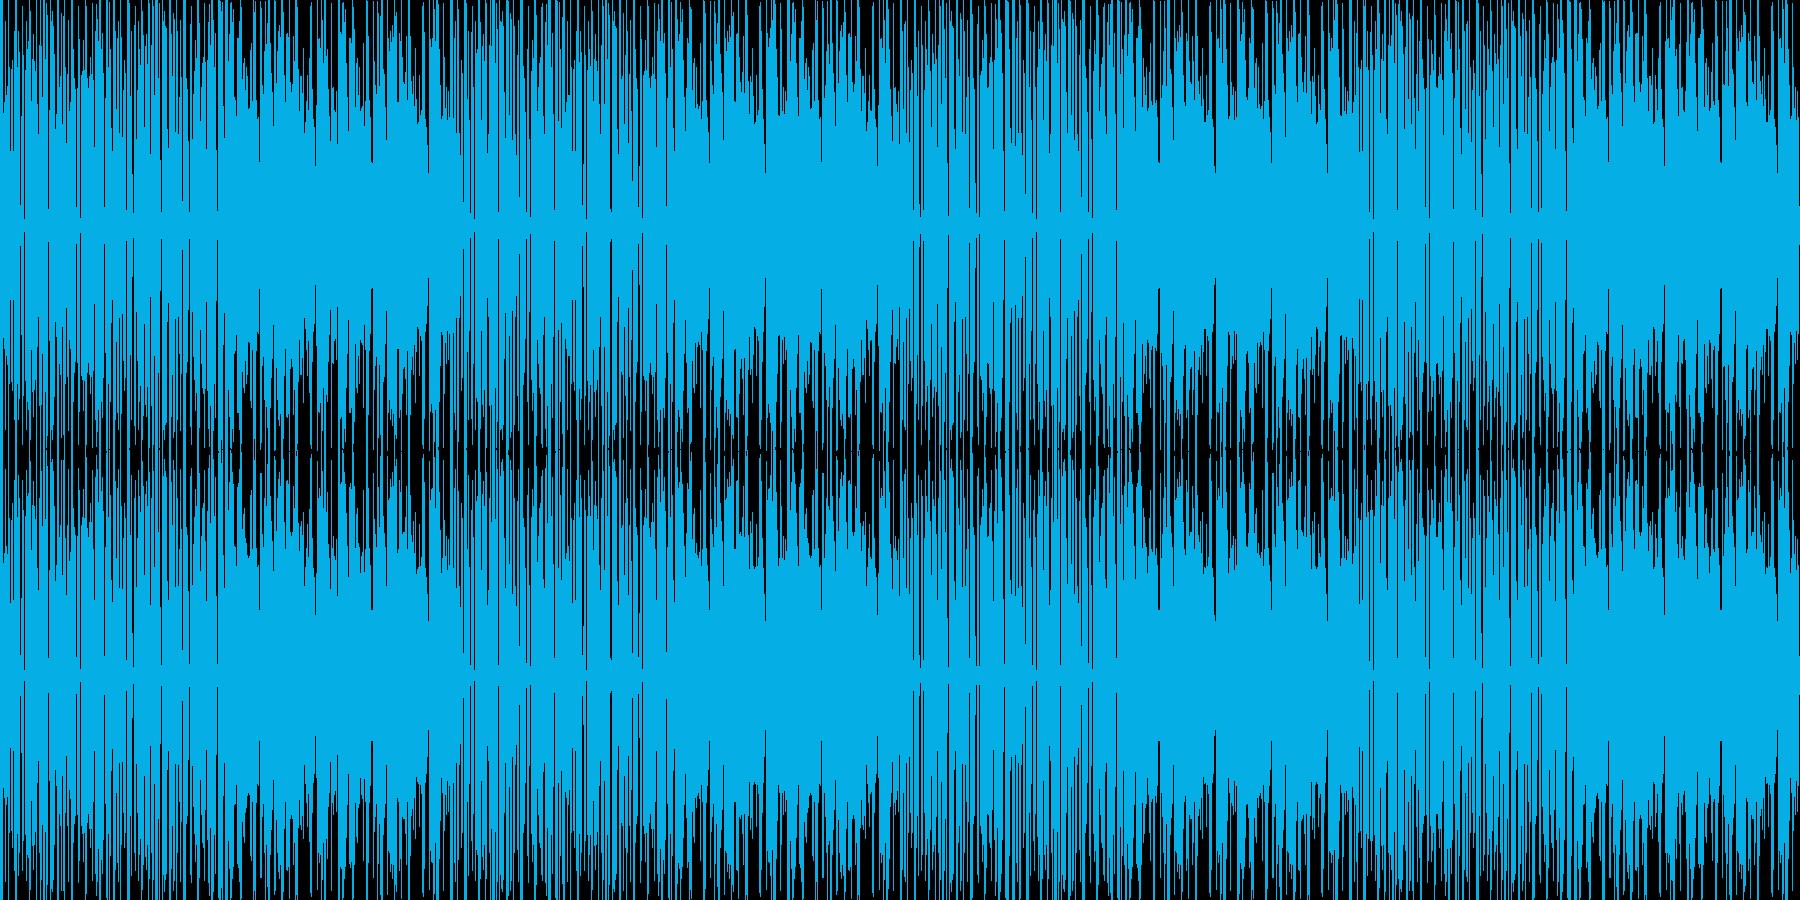 【近未来でサイバーな雰囲気のポップス】の再生済みの波形